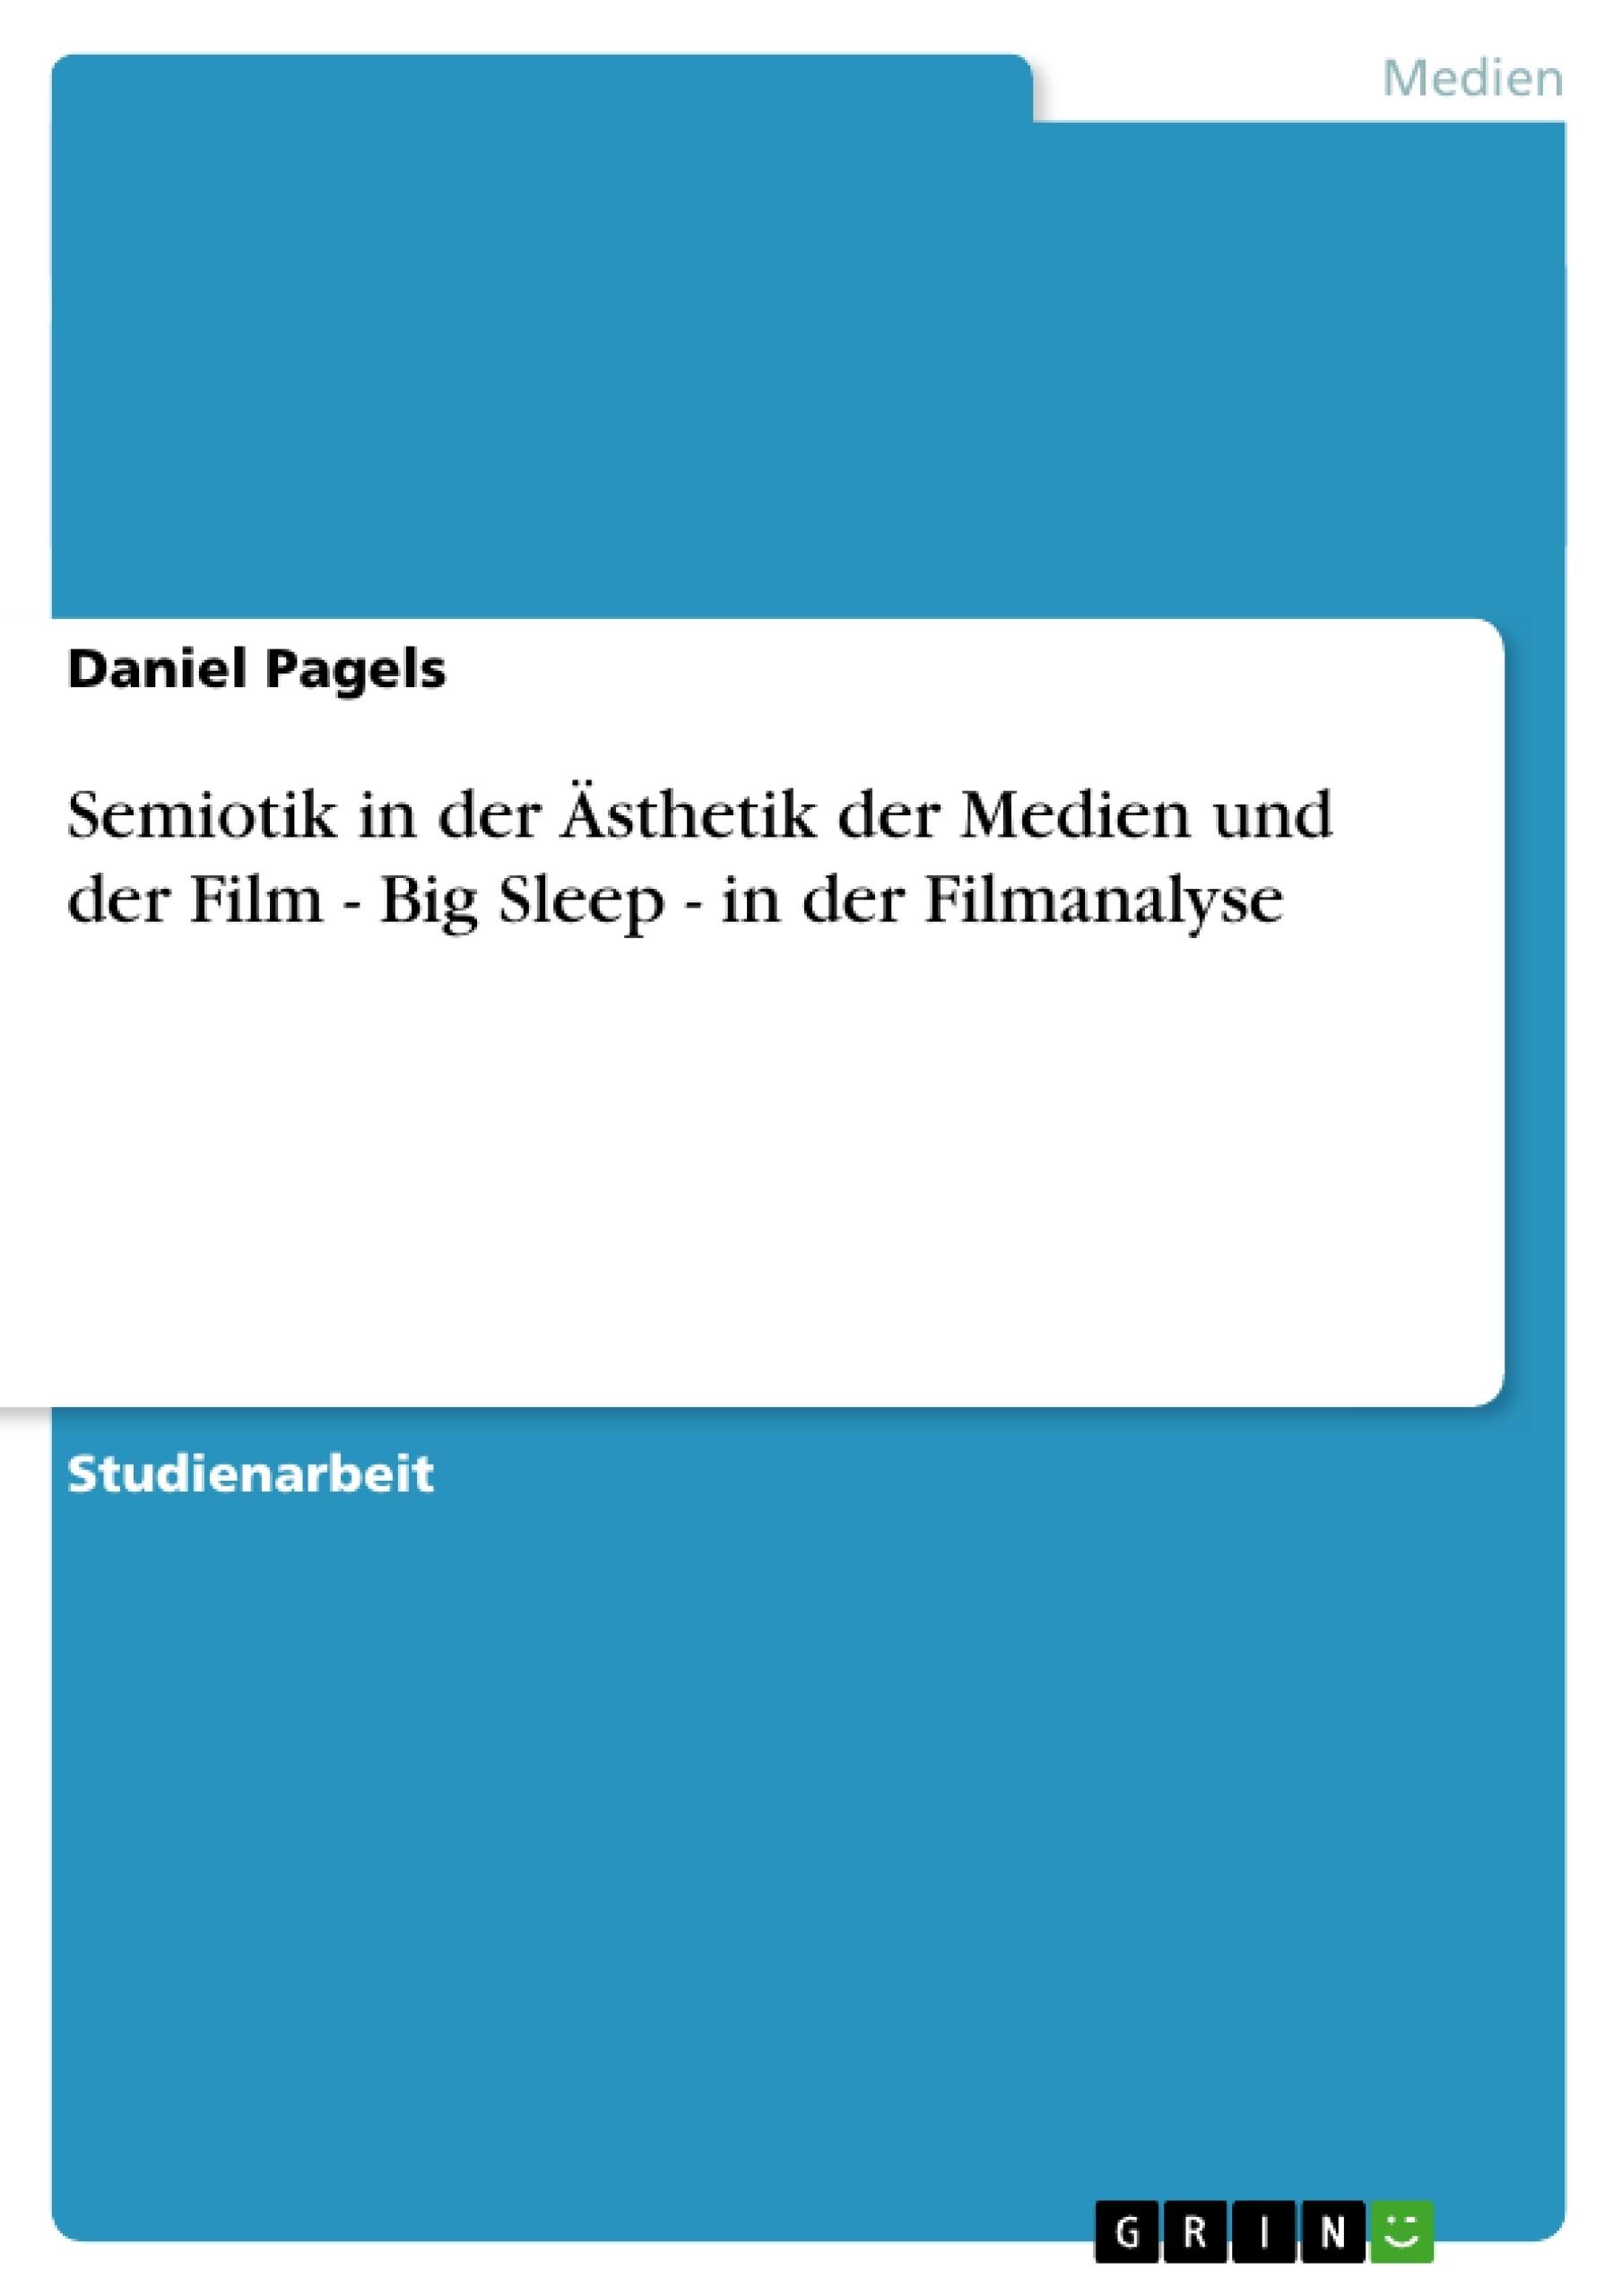 Titel: Semiotik in der Ästhetik der Medien und der Film - Big Sleep - in der Filmanalyse